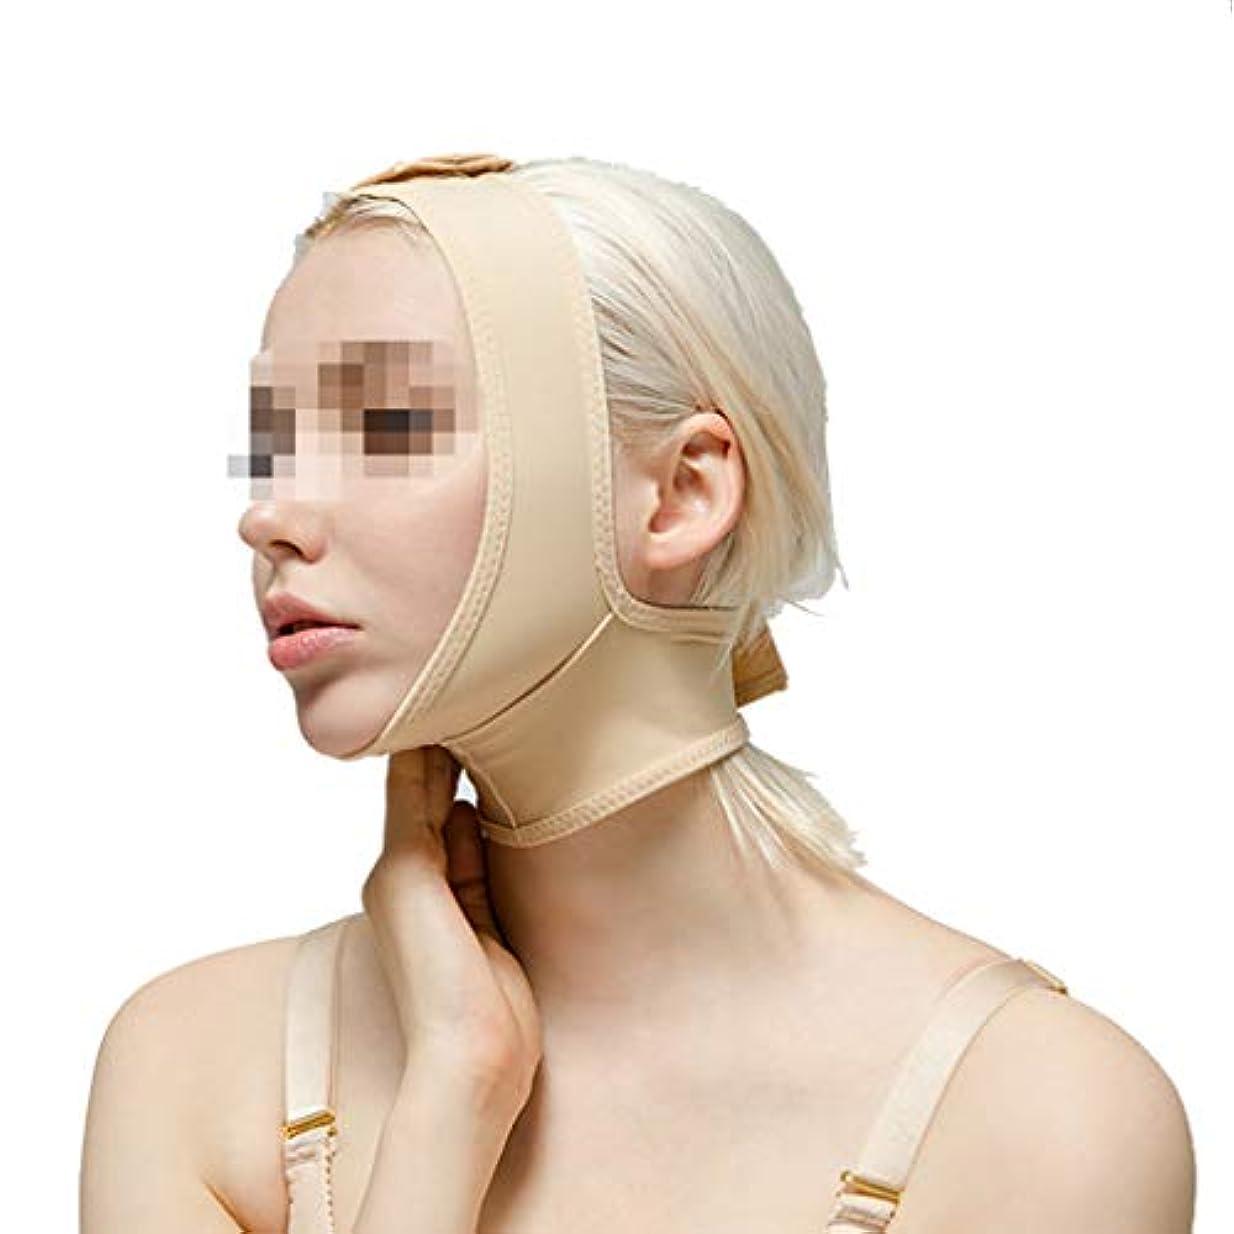 省略裁量小説家XHLMRMJ 術後の弾性スリーブ、下顎の束フェイス包帯フェイシャルビームダブルチンシンフェイスマスクマルチサイズオプション (Size : XXL)